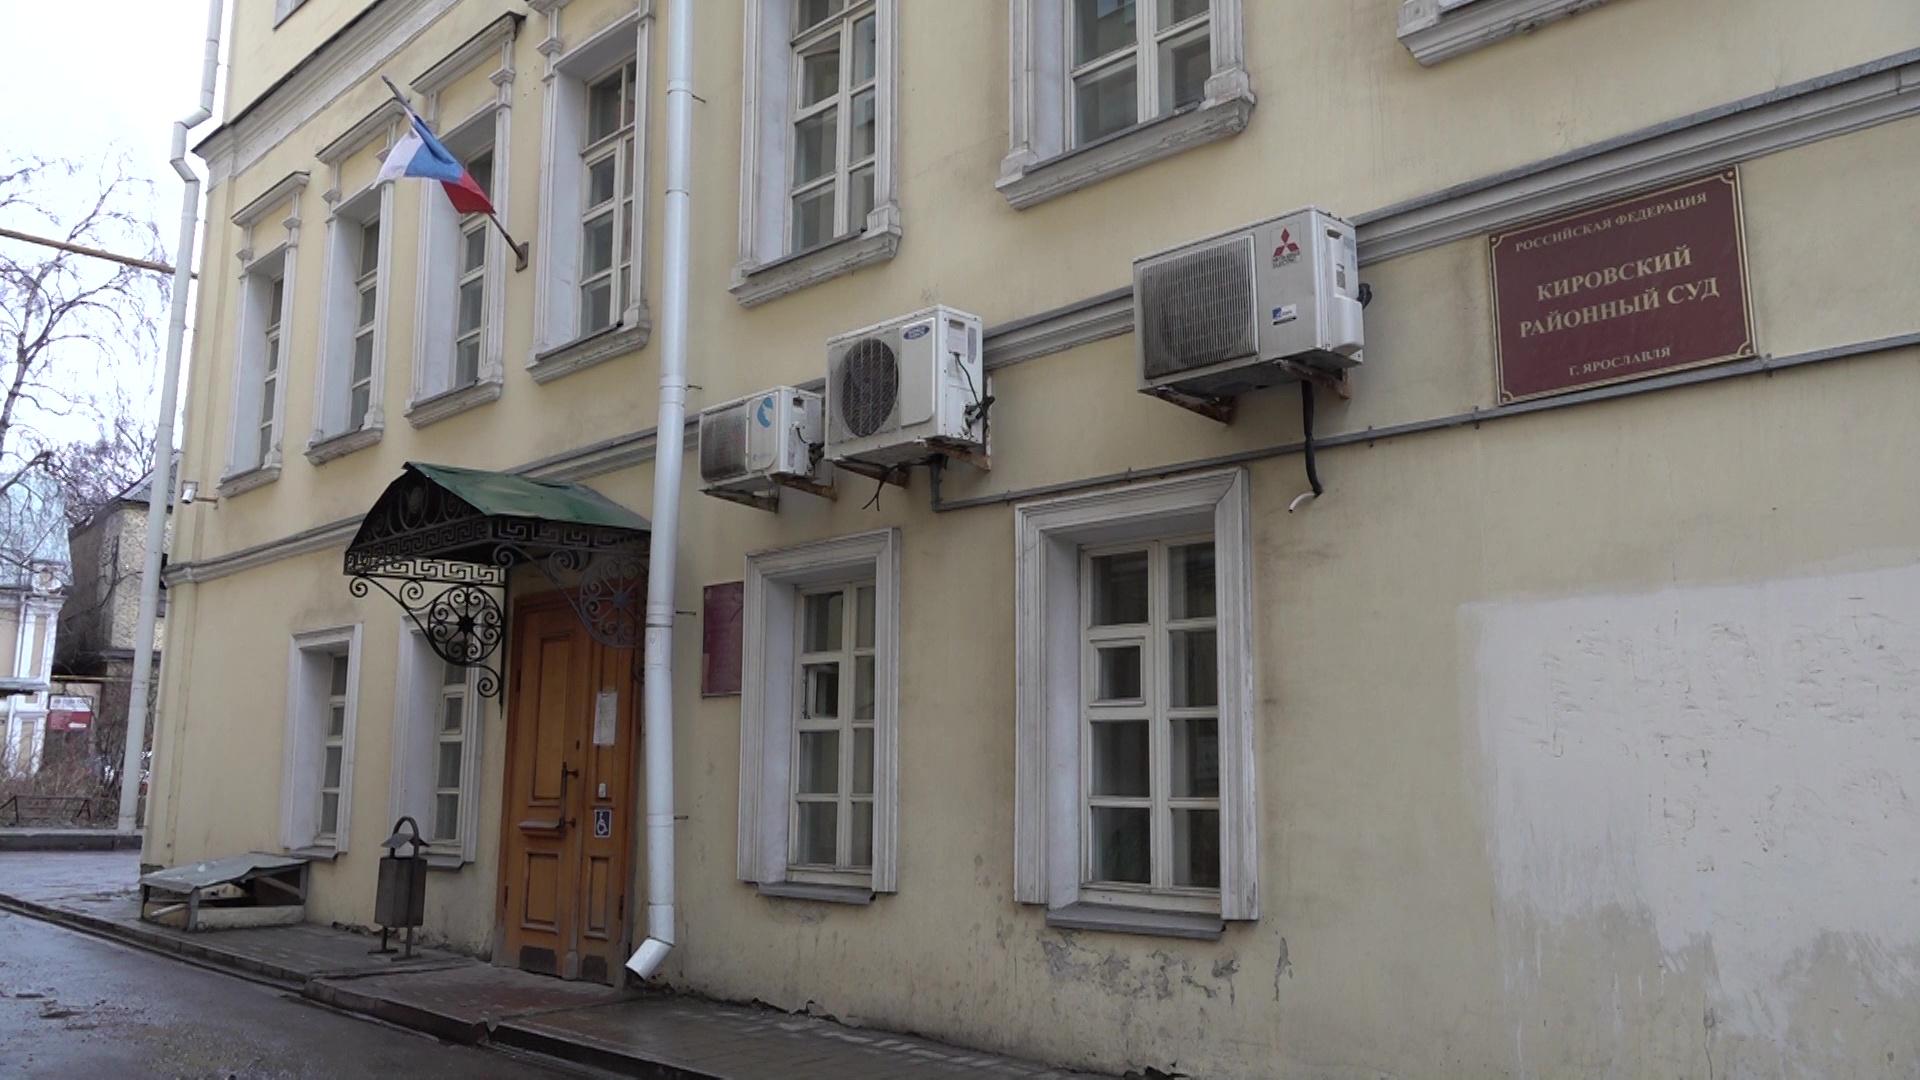 Кировский суд Ярославля начал рассматривать громкое дело о мошенничестве с квартирами